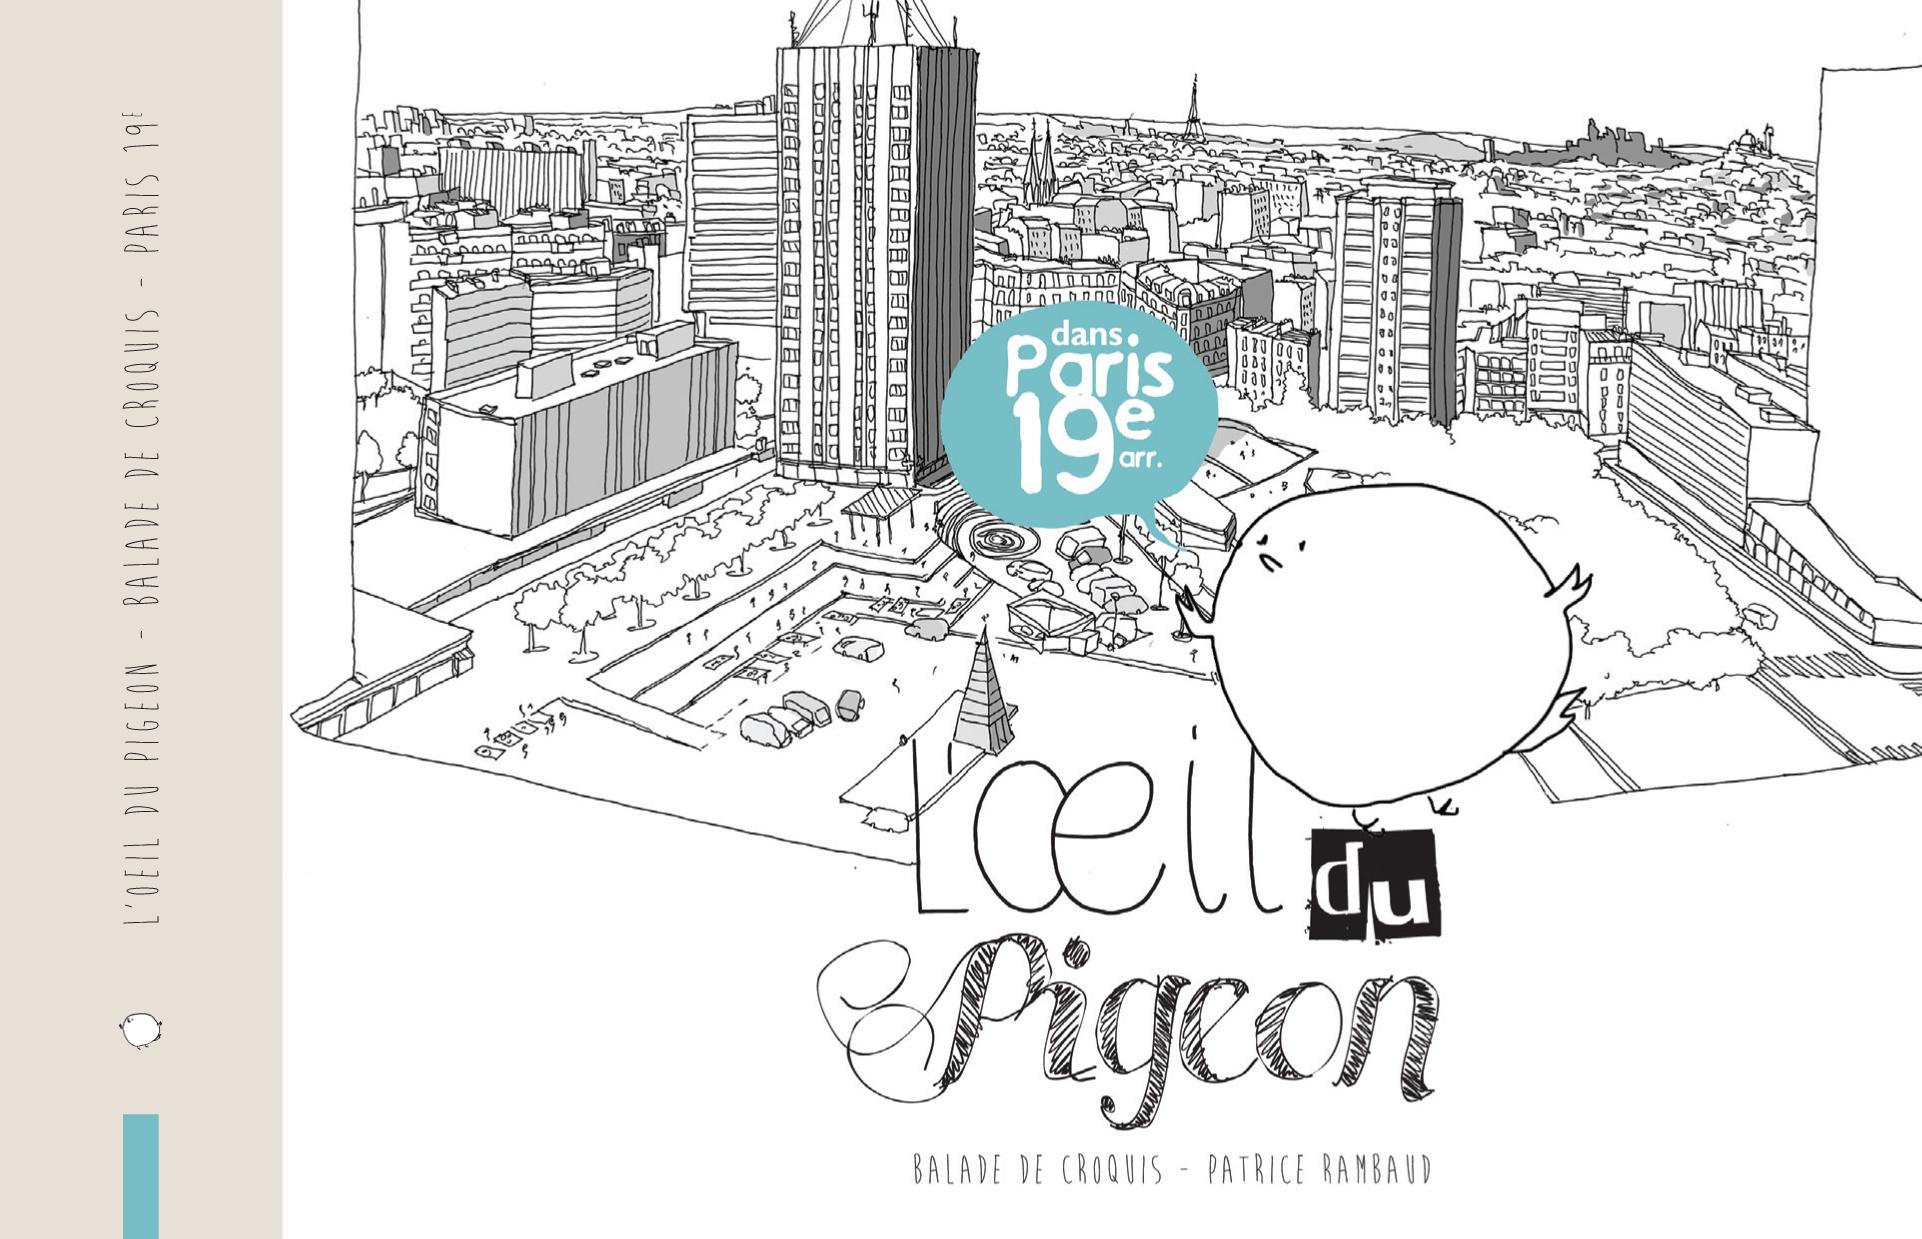 L'OEIL DU PIGEON : DANS PARIS 19E ARR., BALADE DE CROQUIS